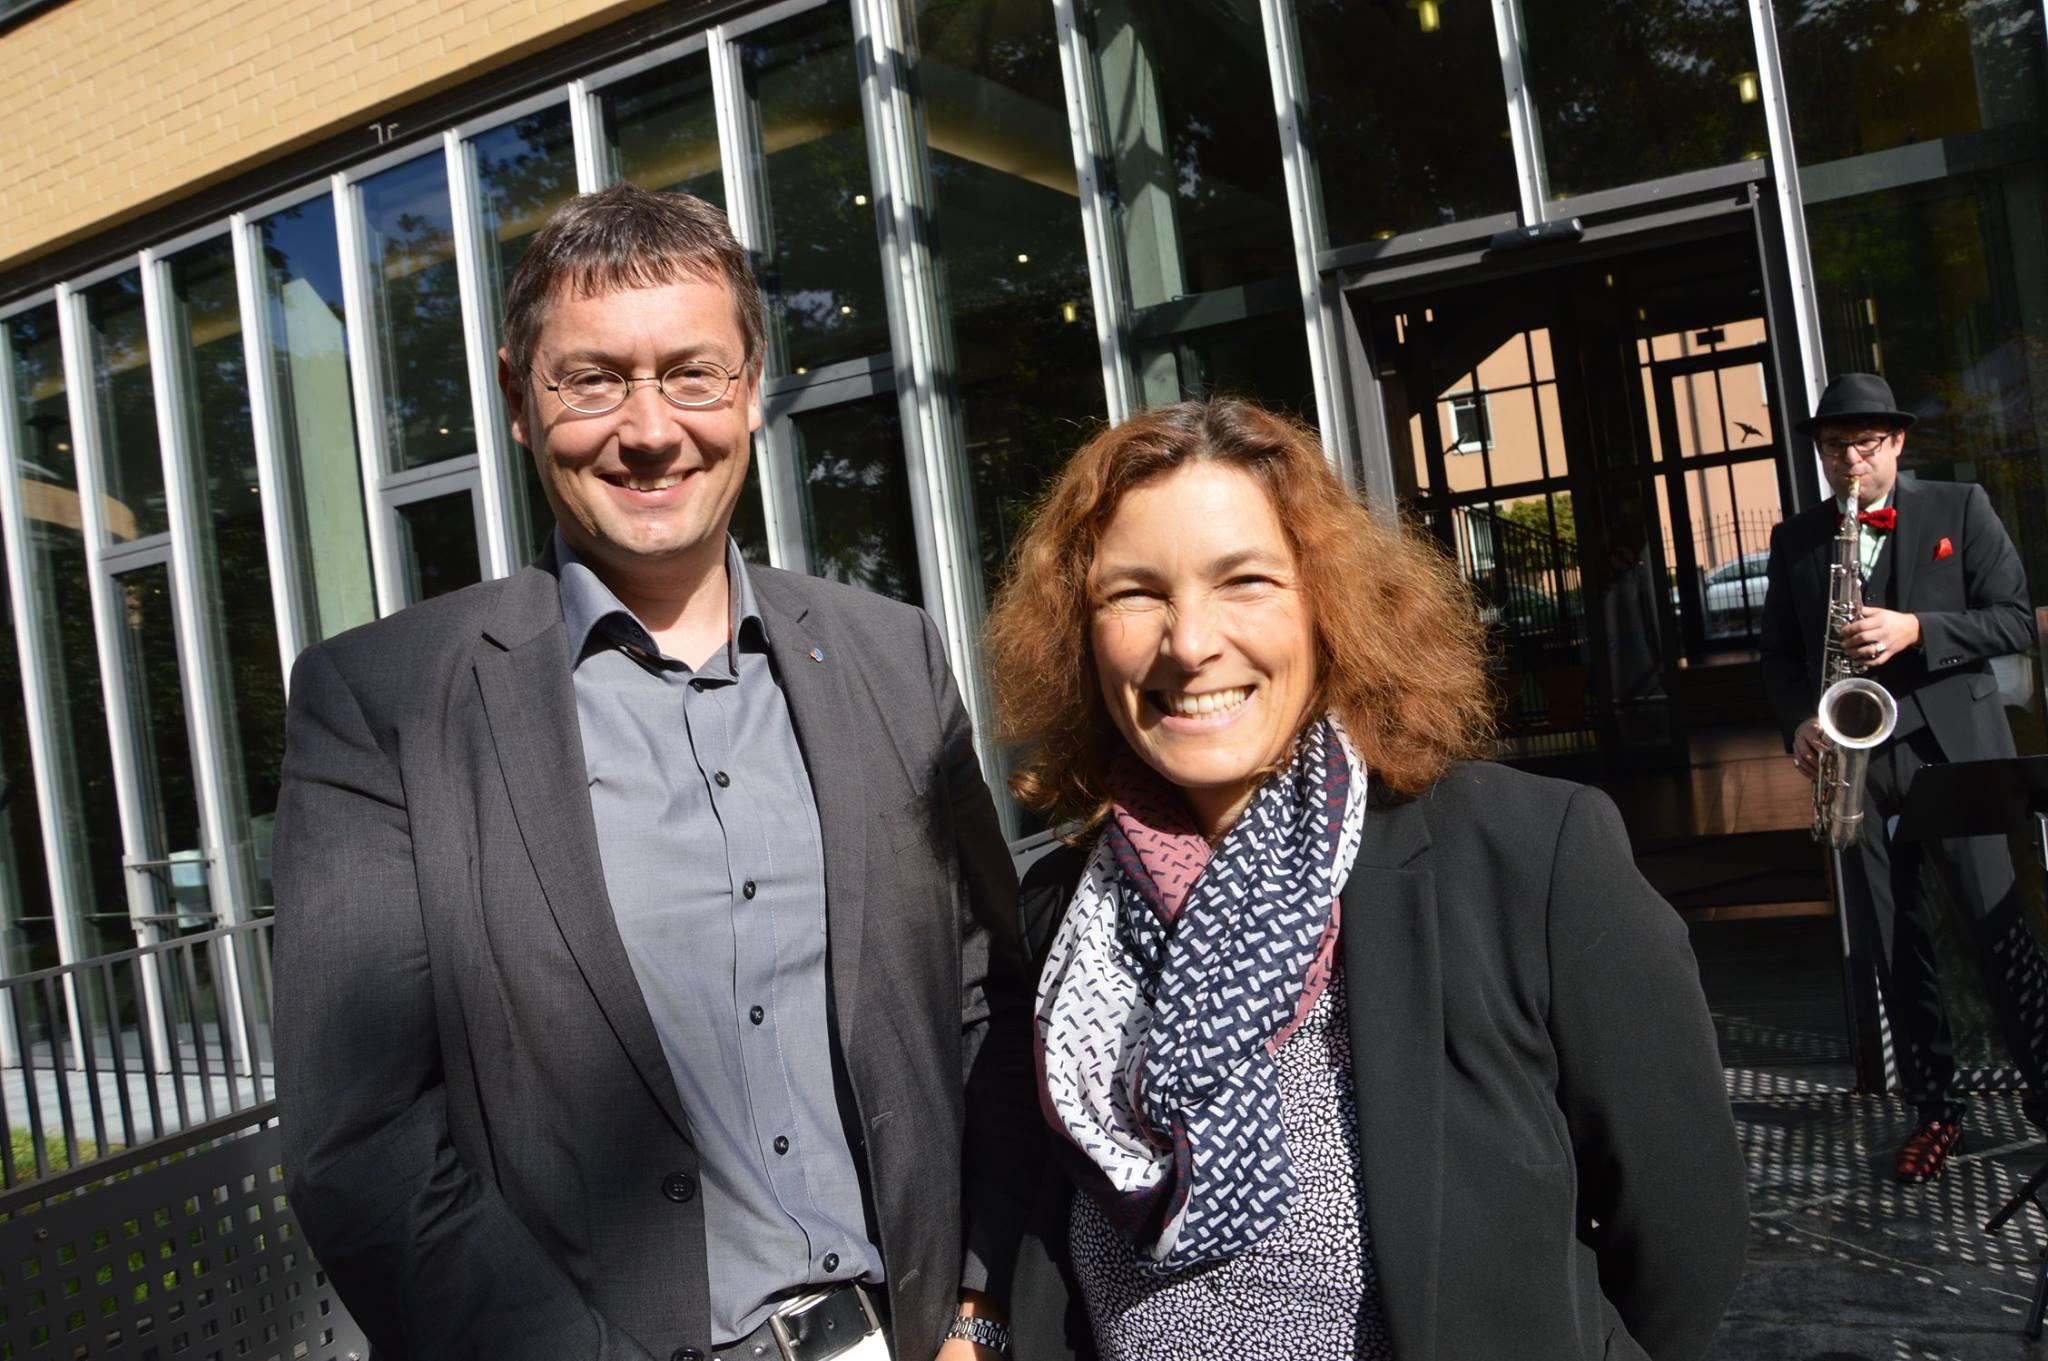 10 Jahre ZBFS - auf dem Foto ist Christoph Wutz, Leiter des bfw Würzburg, und Kerstin Celina. Bild mit freundlicher Genehmigung von Angelika Cronauer.